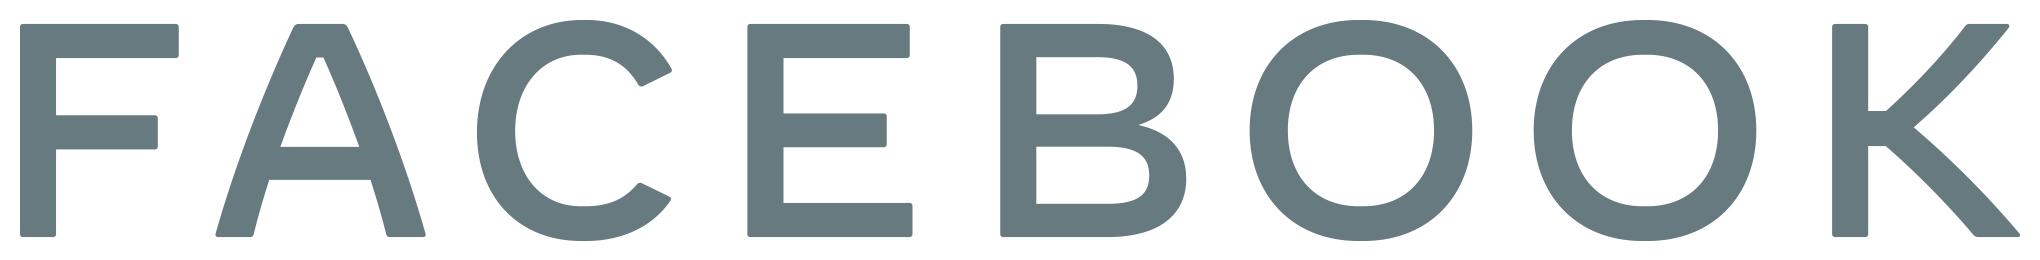 facebook_corporate_logo